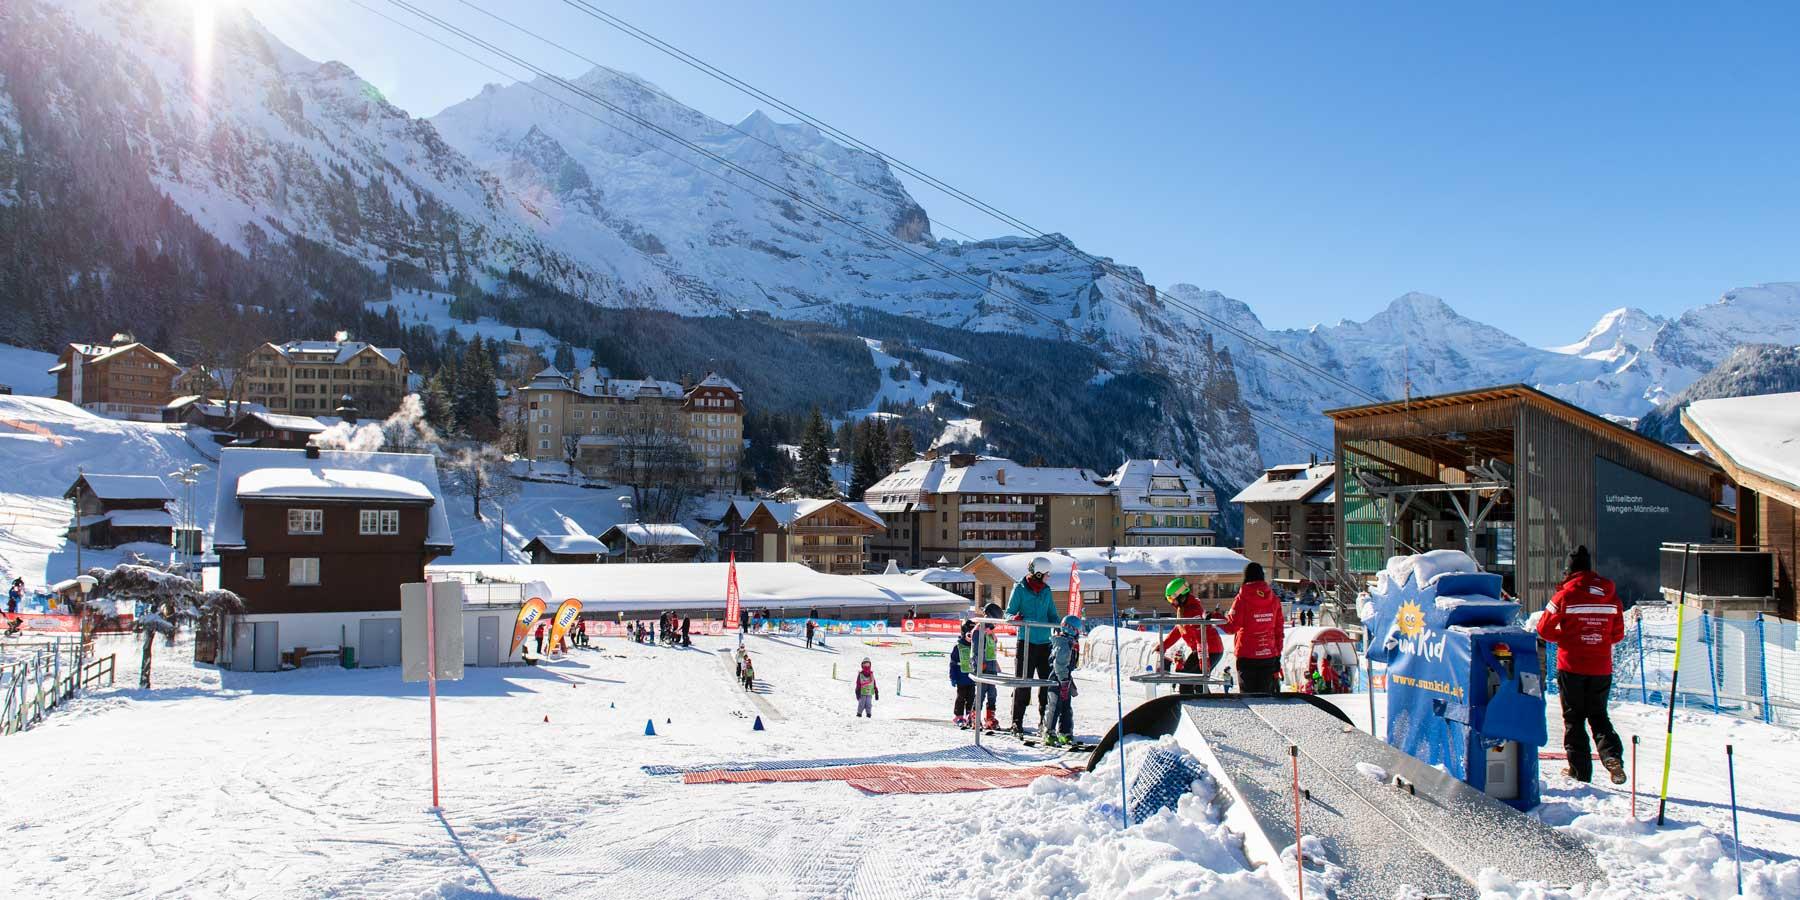 ski-school-children